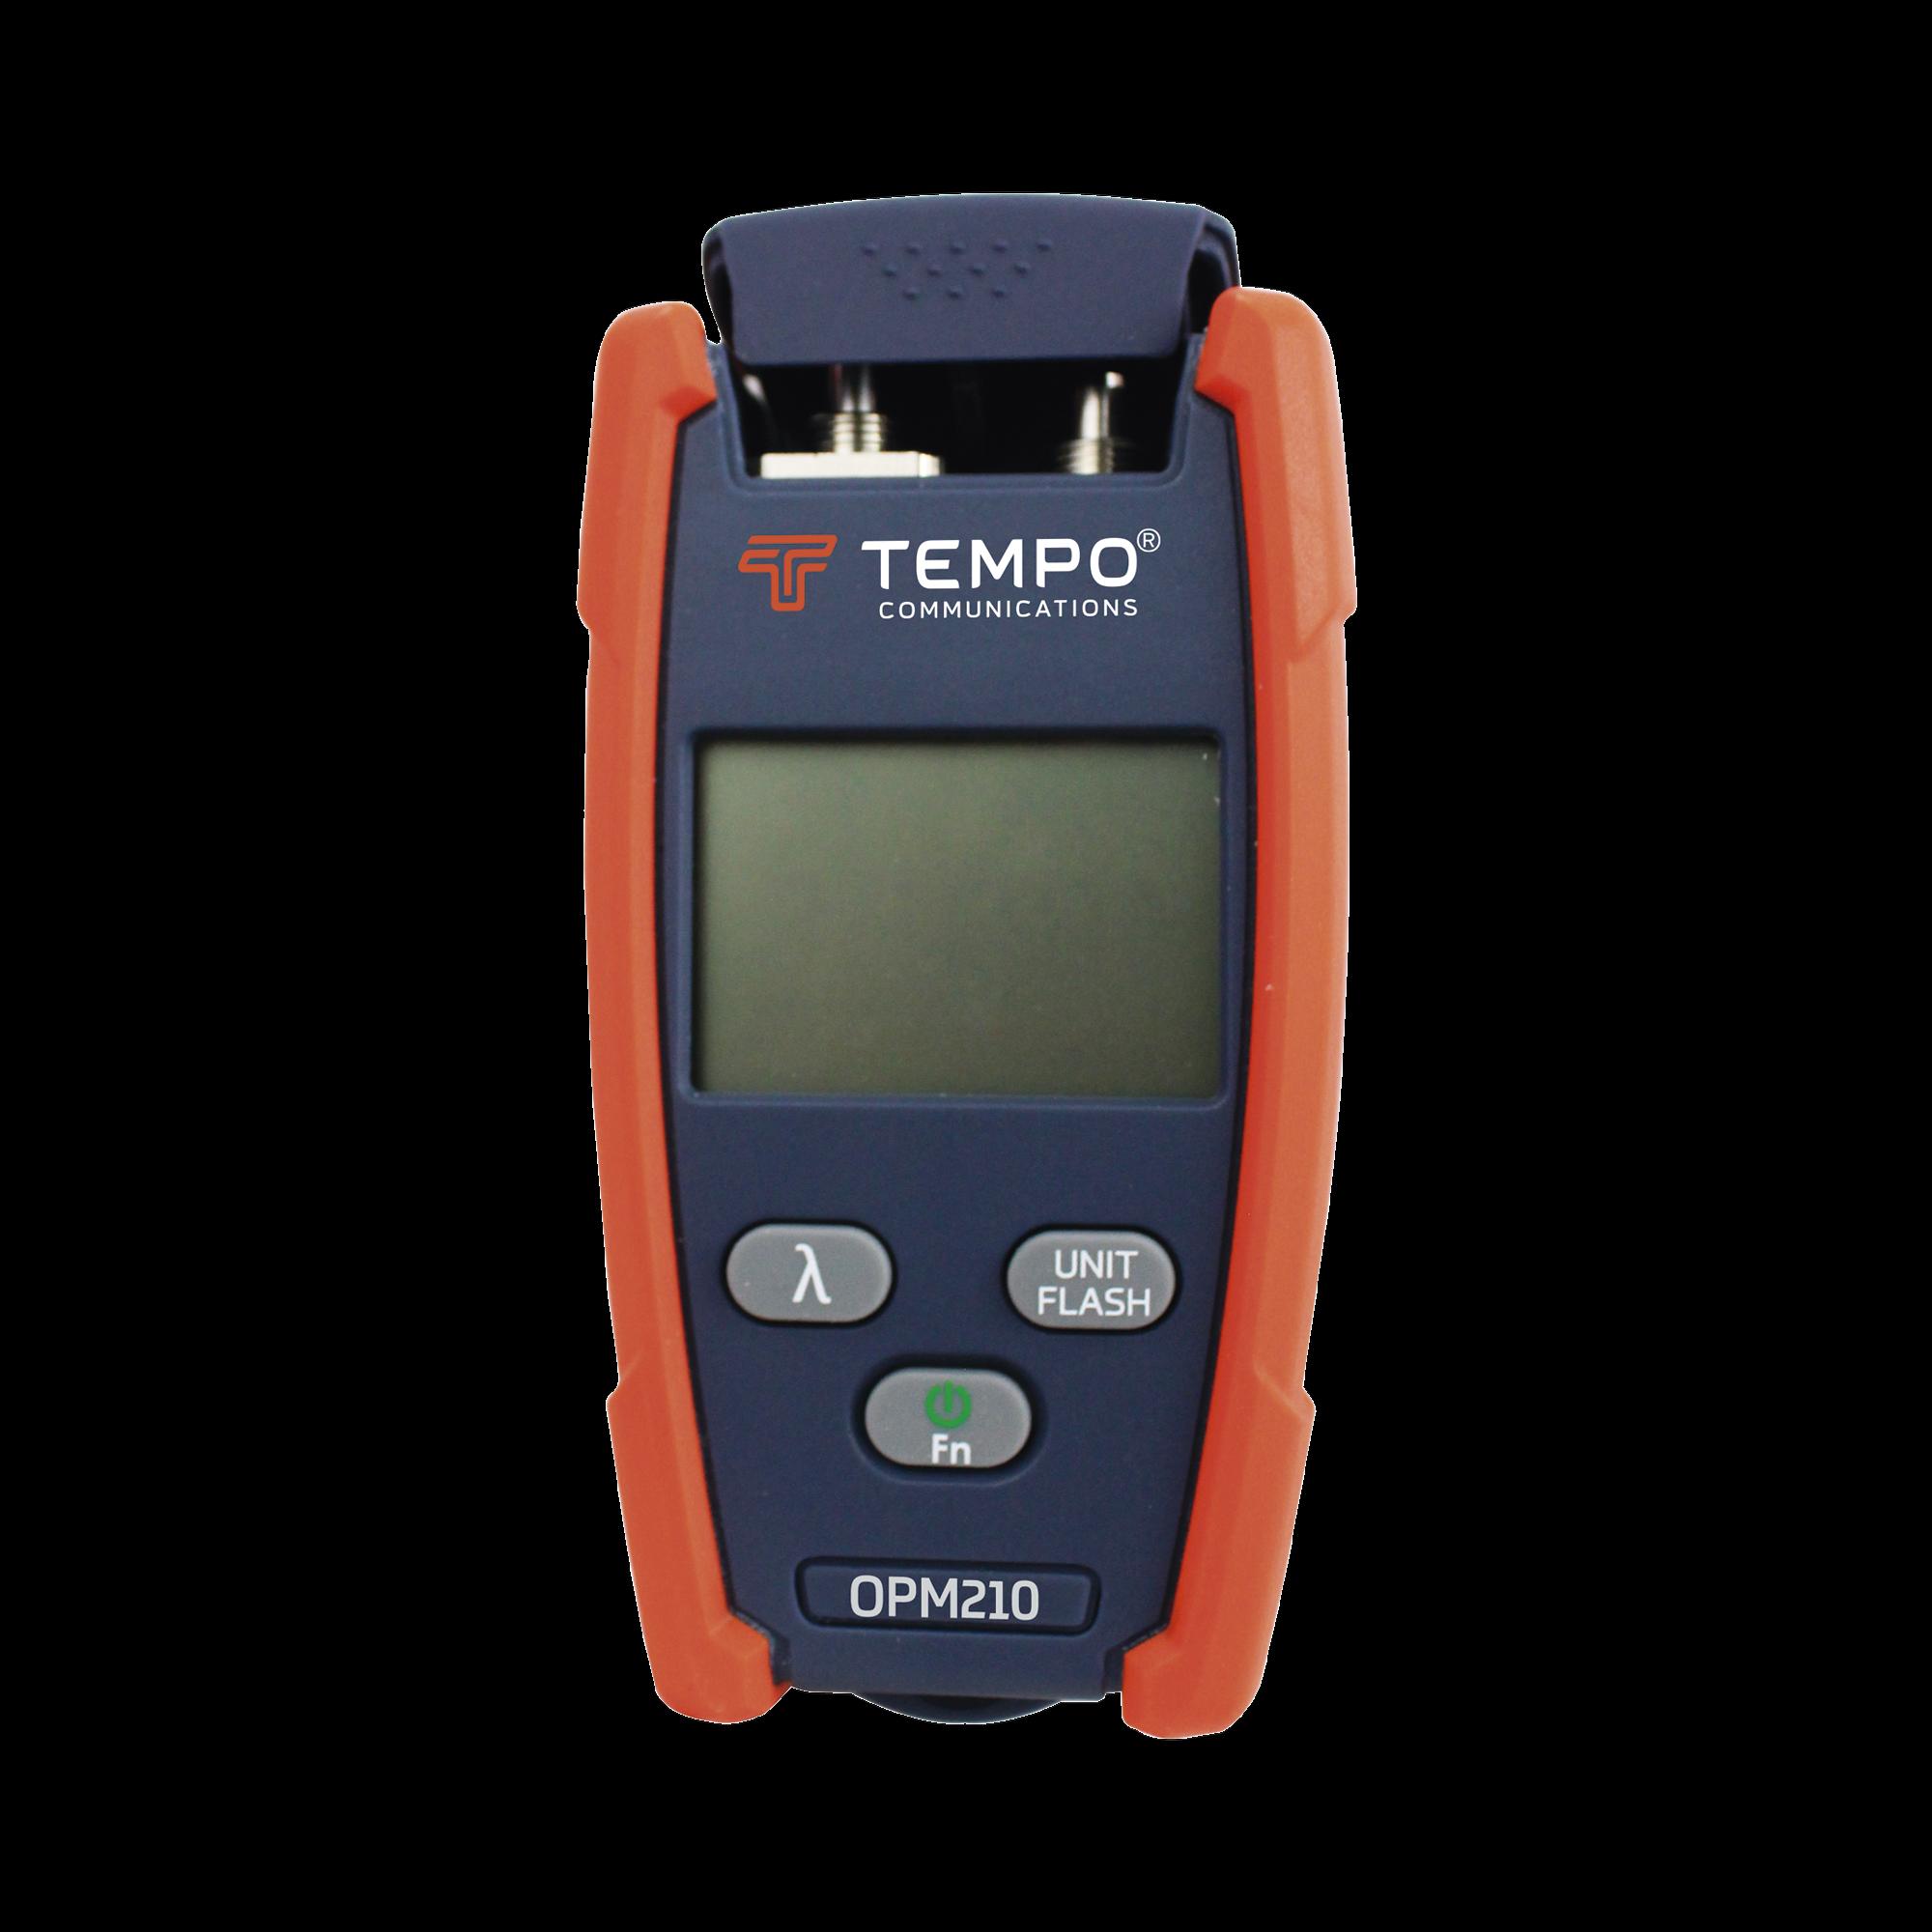 Medidor de Potencia (Micro OPM) para Fibra óptica con Localizador Visual de Fallos (VFL), entrada universal de 2.5 mm (para conectores SC, ST y FC)